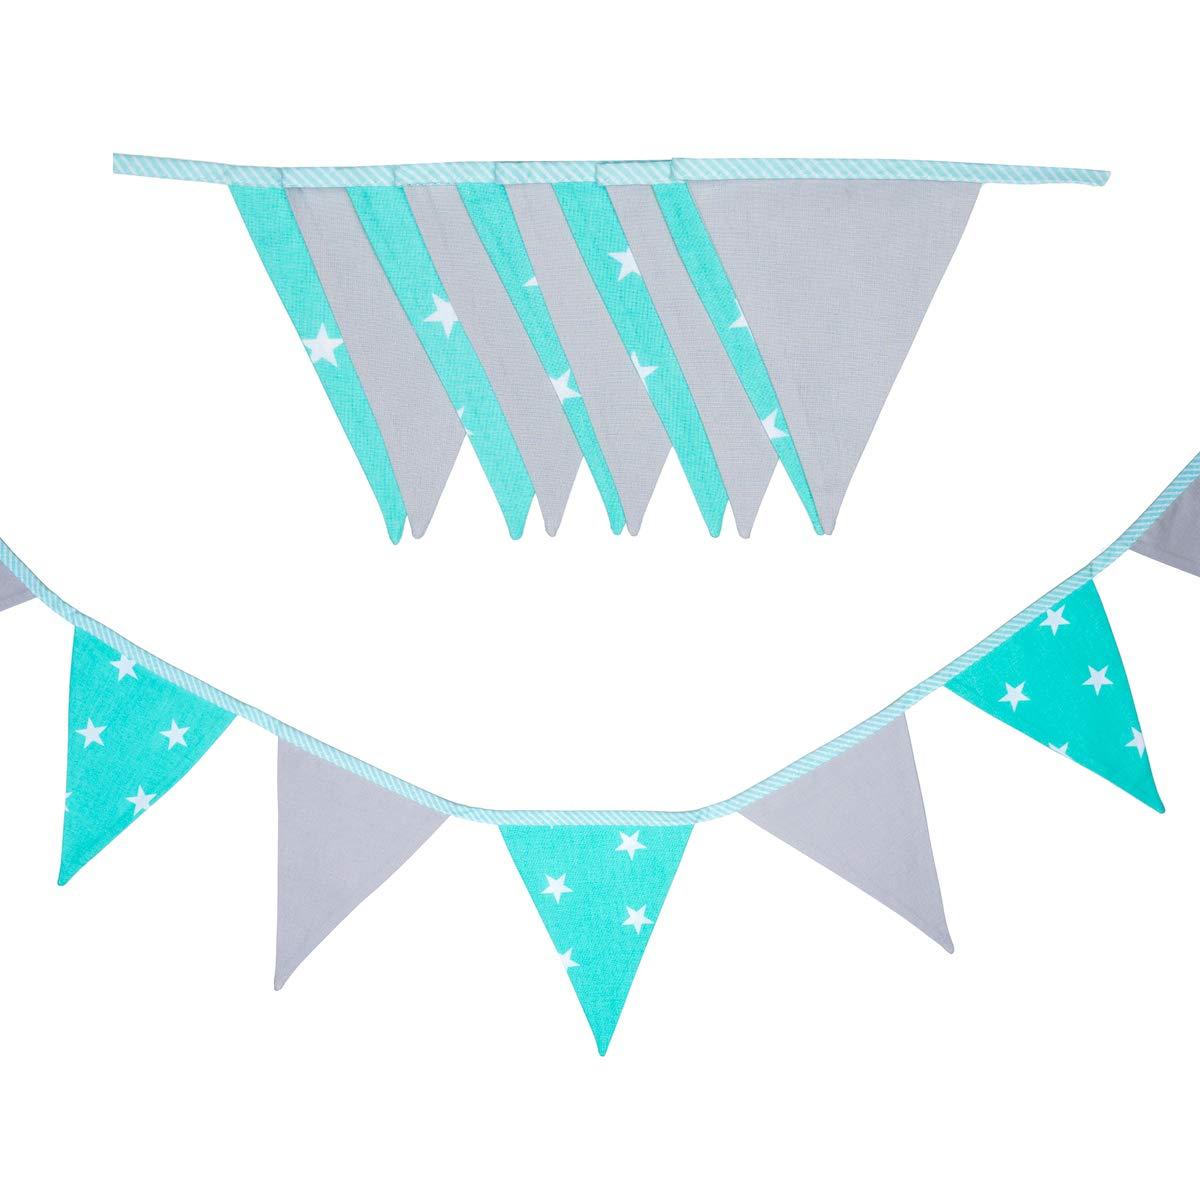 100/% Baumwolle farbenfrohe Girlanden f/ür Kinderzimmer /& Baby Geburtstage cozydots doppelseitig Wimpelkette Black /& White, 165 Kinderzimmer dekorieren, Stoff-Girlande